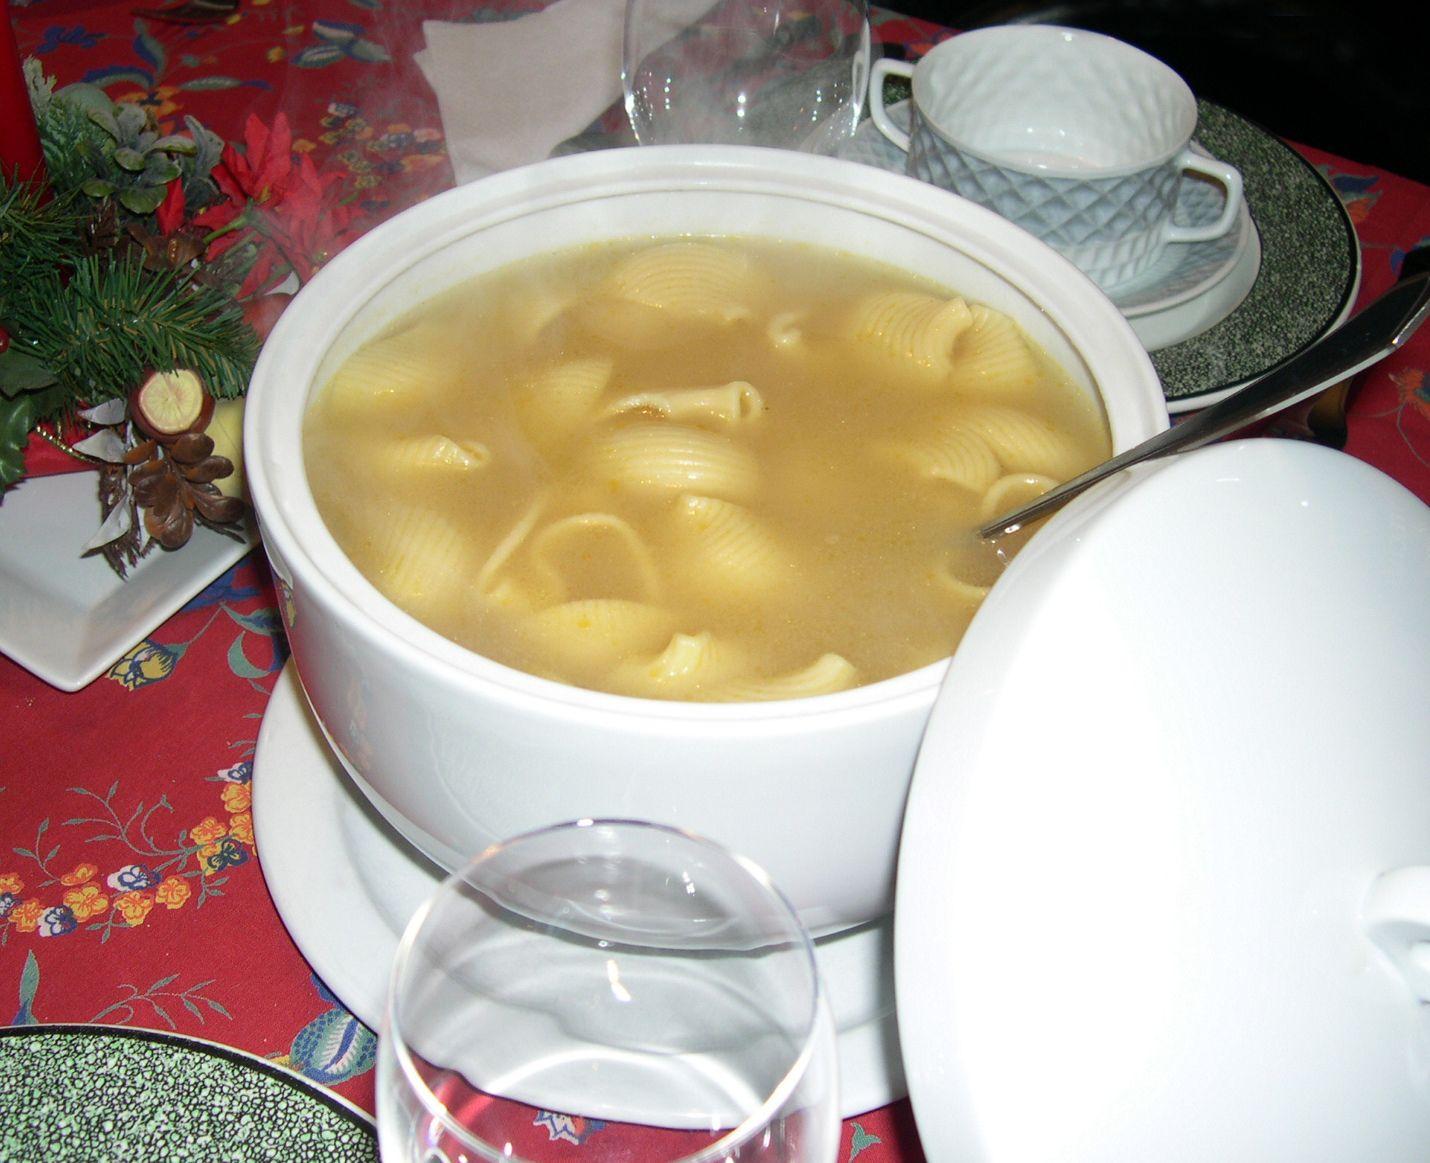 L'escudella, un dels plats típics del Nadal. Foto Viquipèdia.